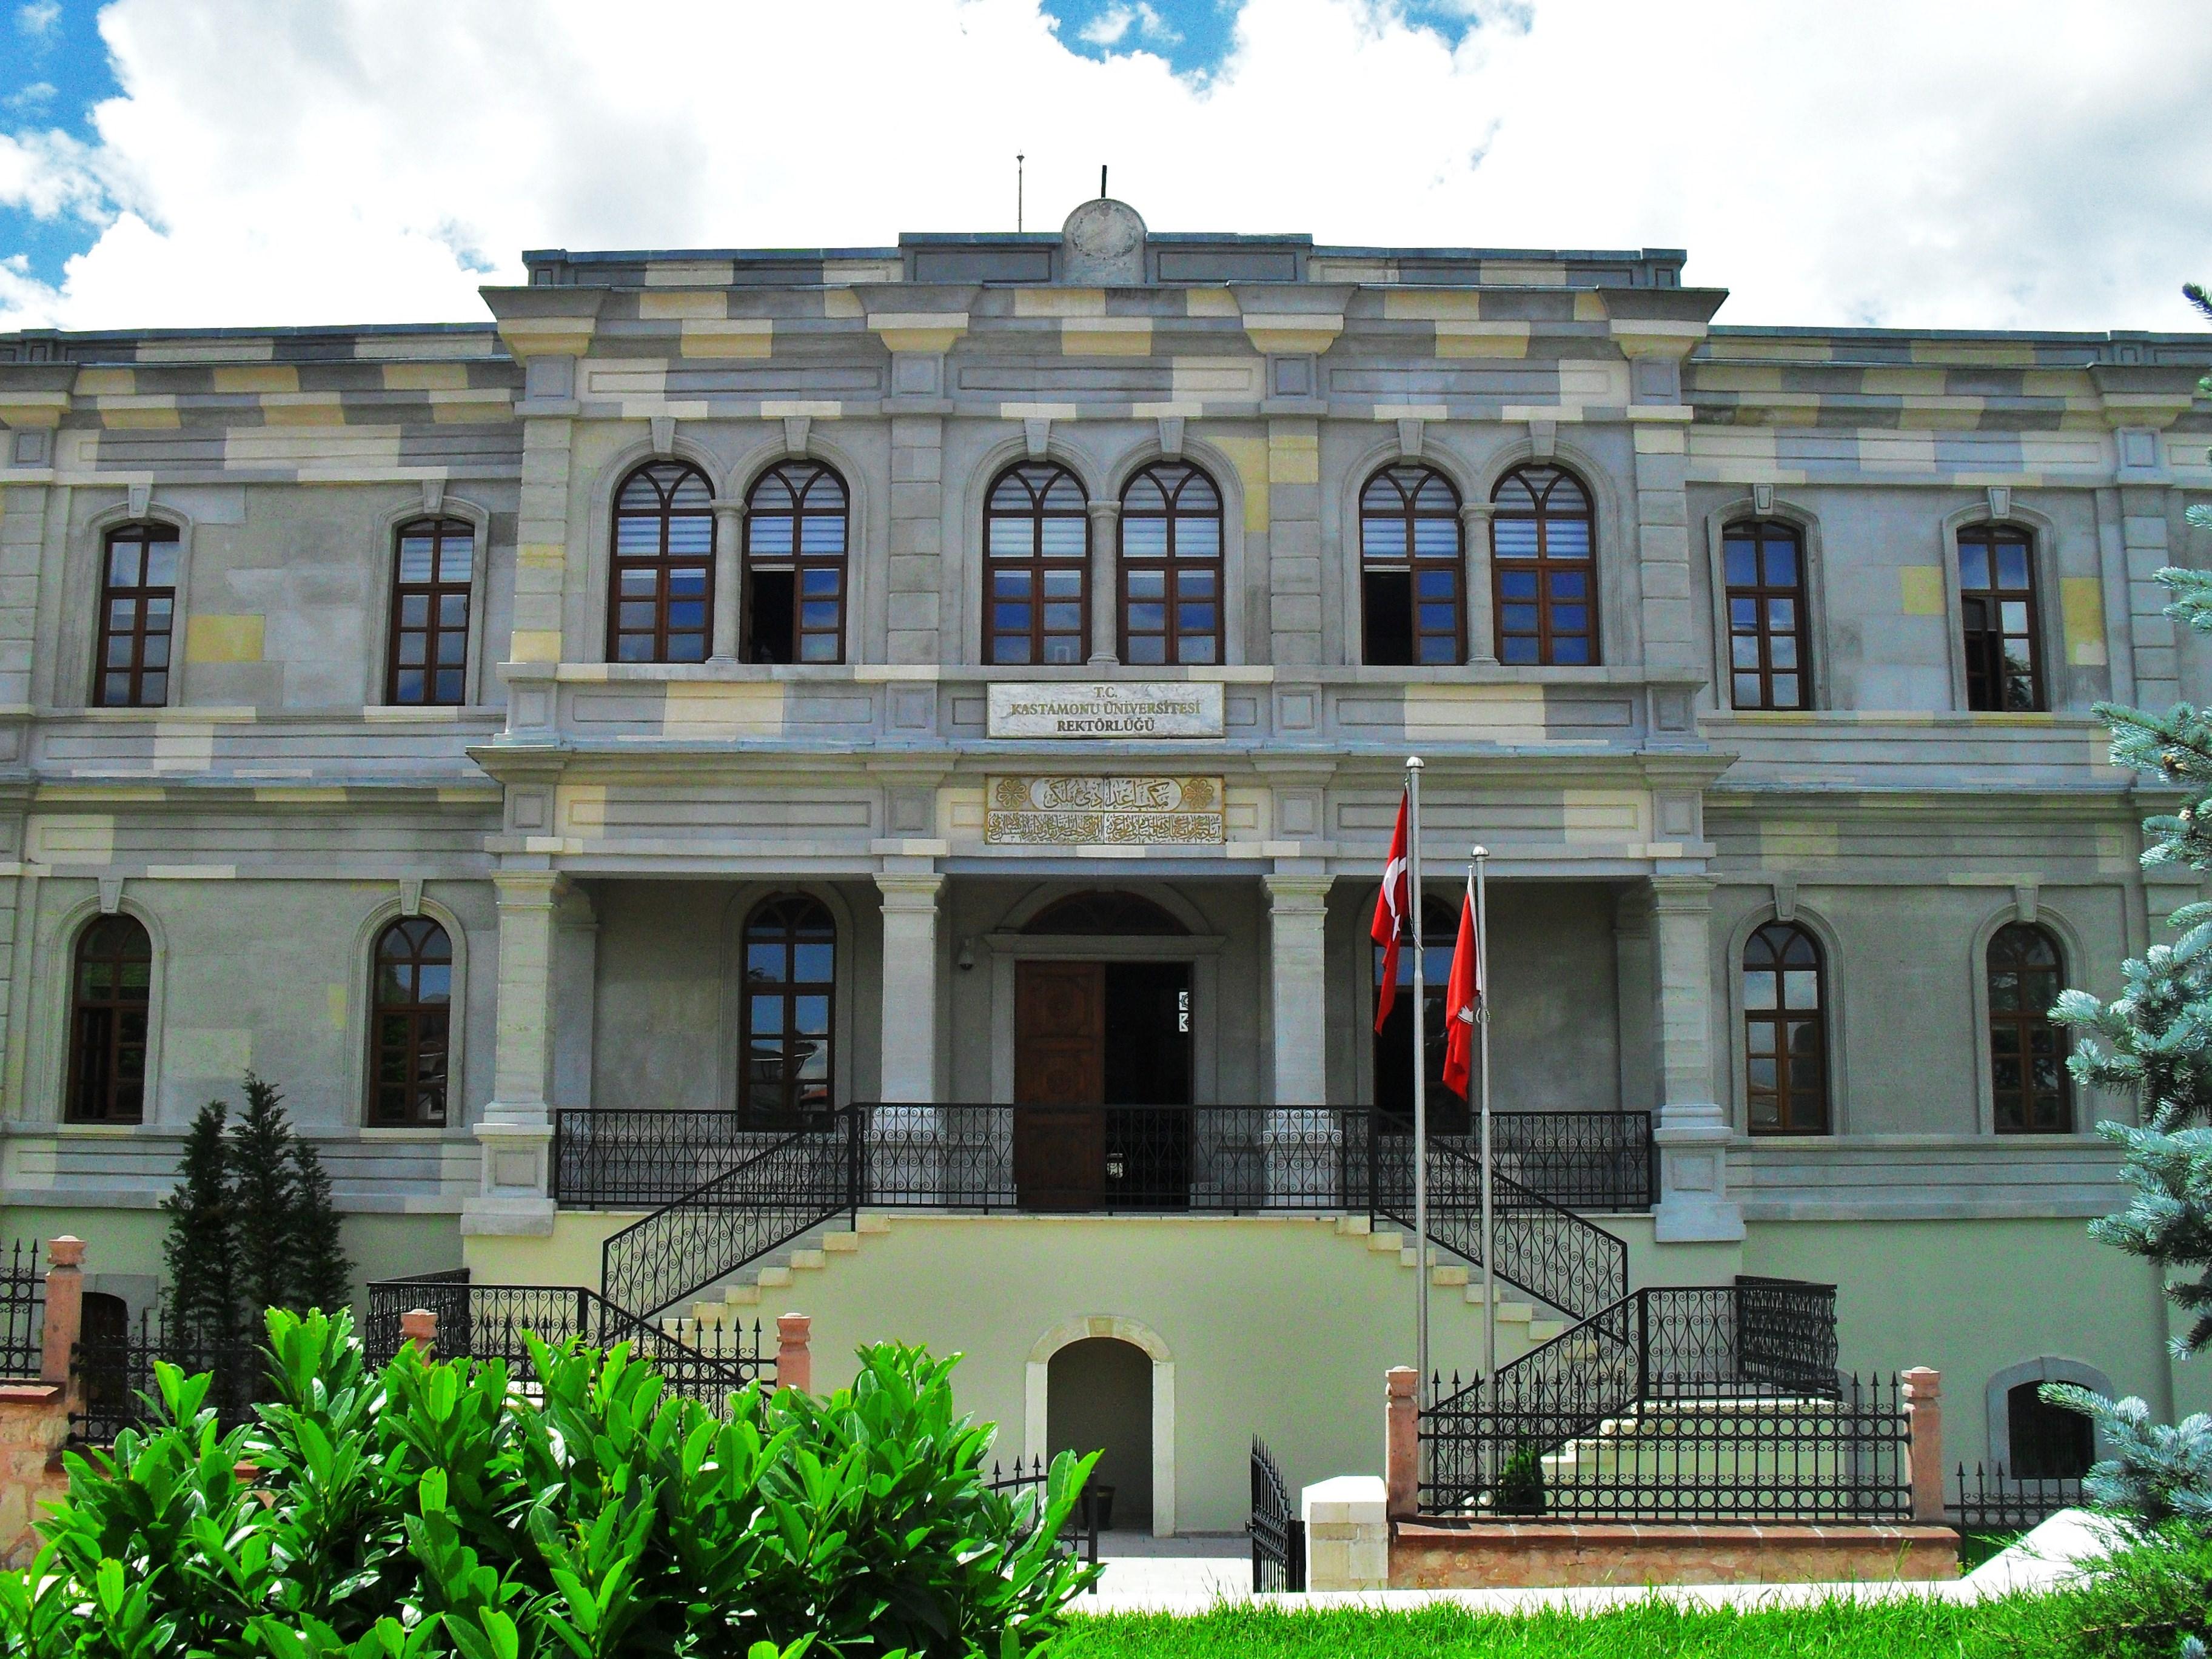 File:Kastamonu Üniversitesi Rektörlüğü.JPG - Wikimedia Commons